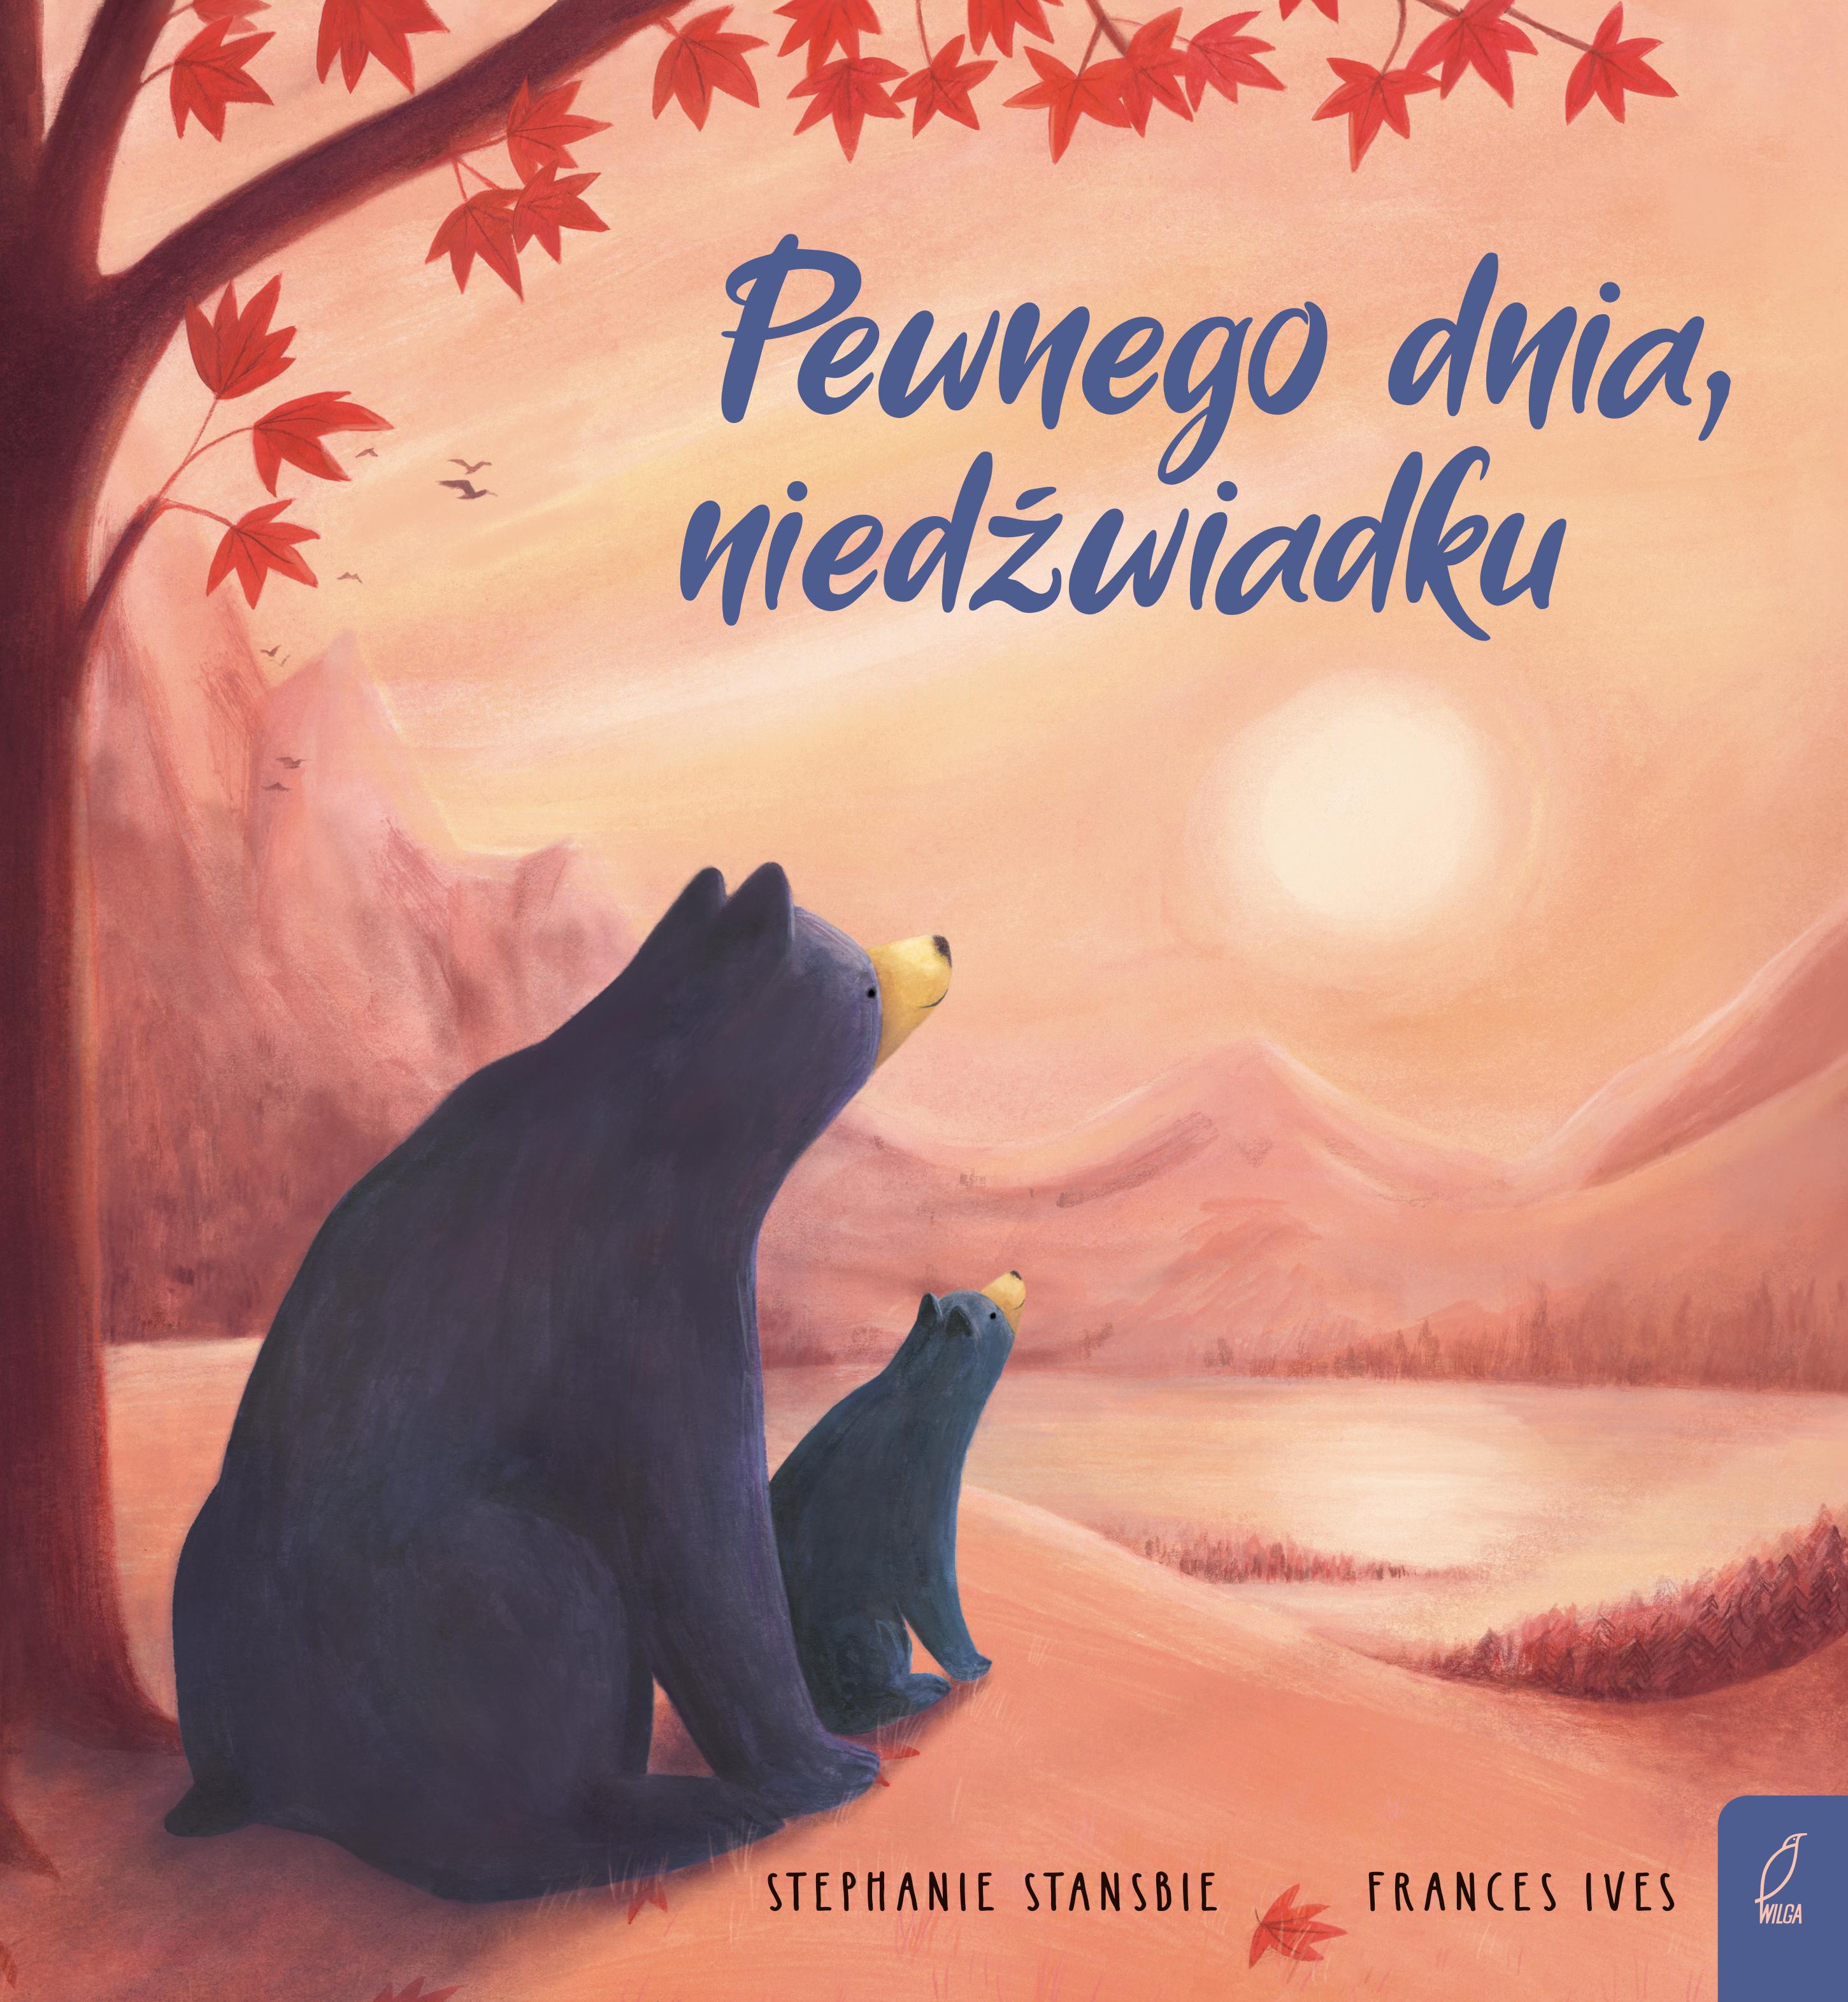 Pewnego dnia, niedźwiadku